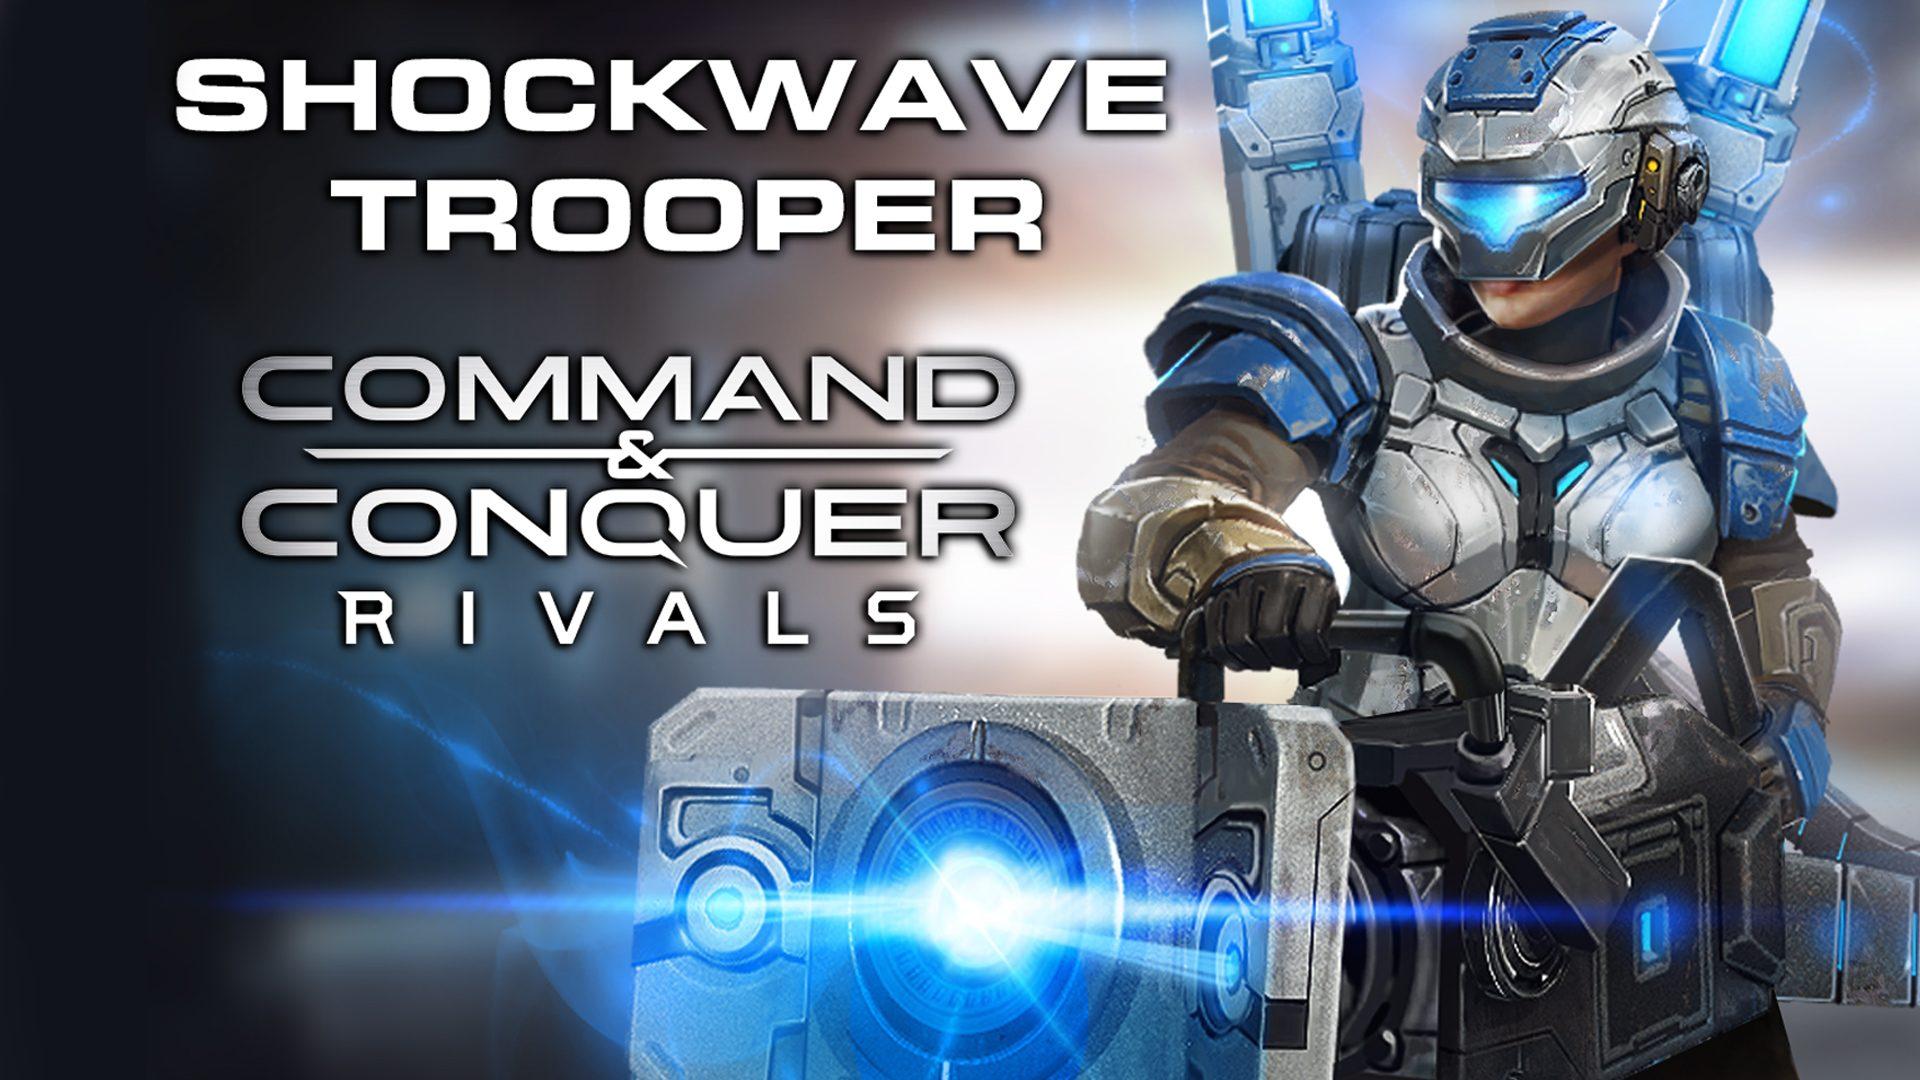 cc-blog-image-shockwave-trooper-reveal-1